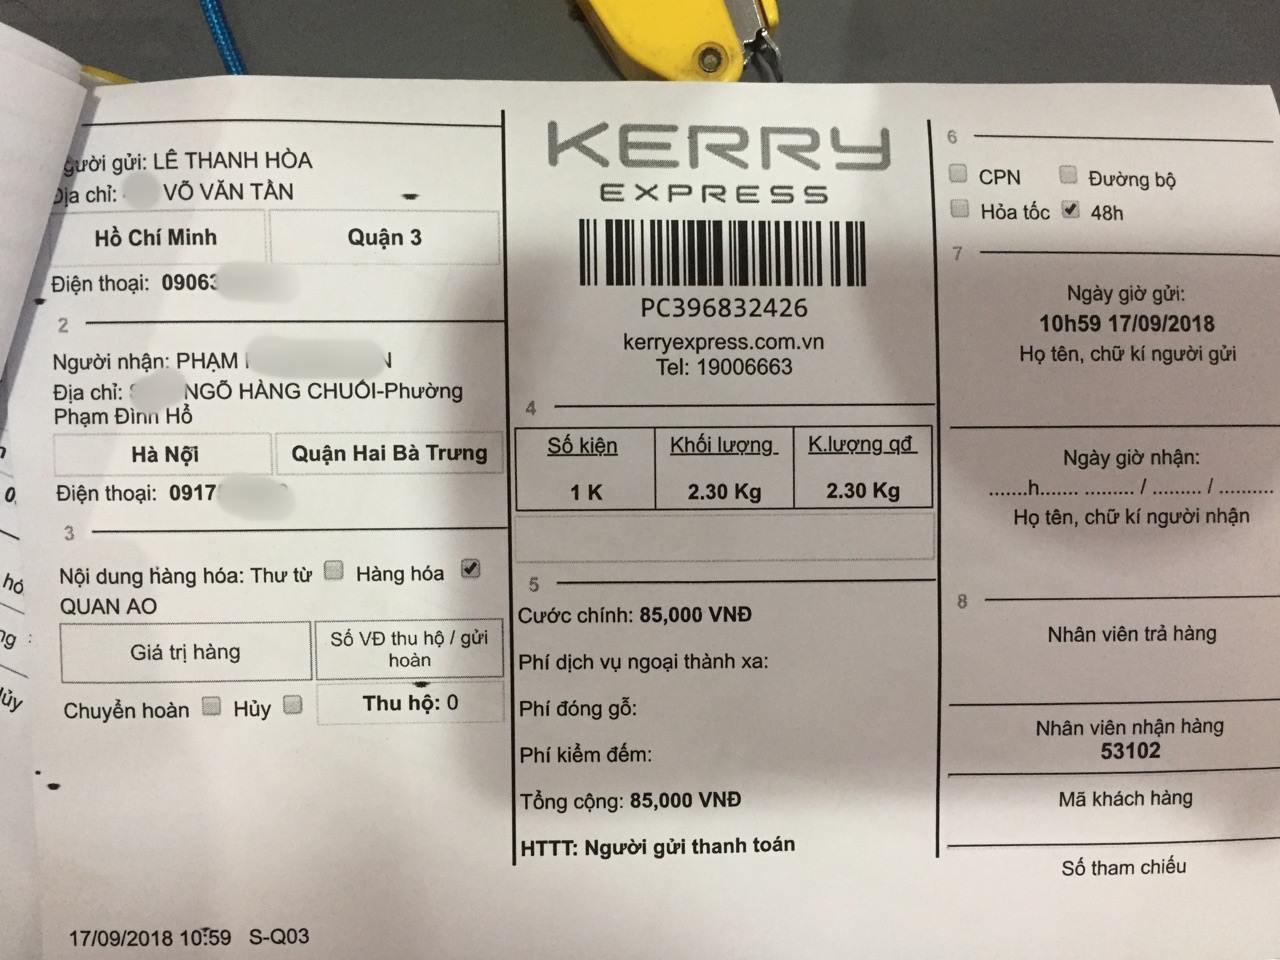 NTK Lê Thanh Hòa bức xúc tố công ty Giao hàng nhanh Kerry Express chuyển đồ chậm, làm thất lạc gói bưu phẩm trị giá hơn 65 triệu đồng - Ảnh 4.